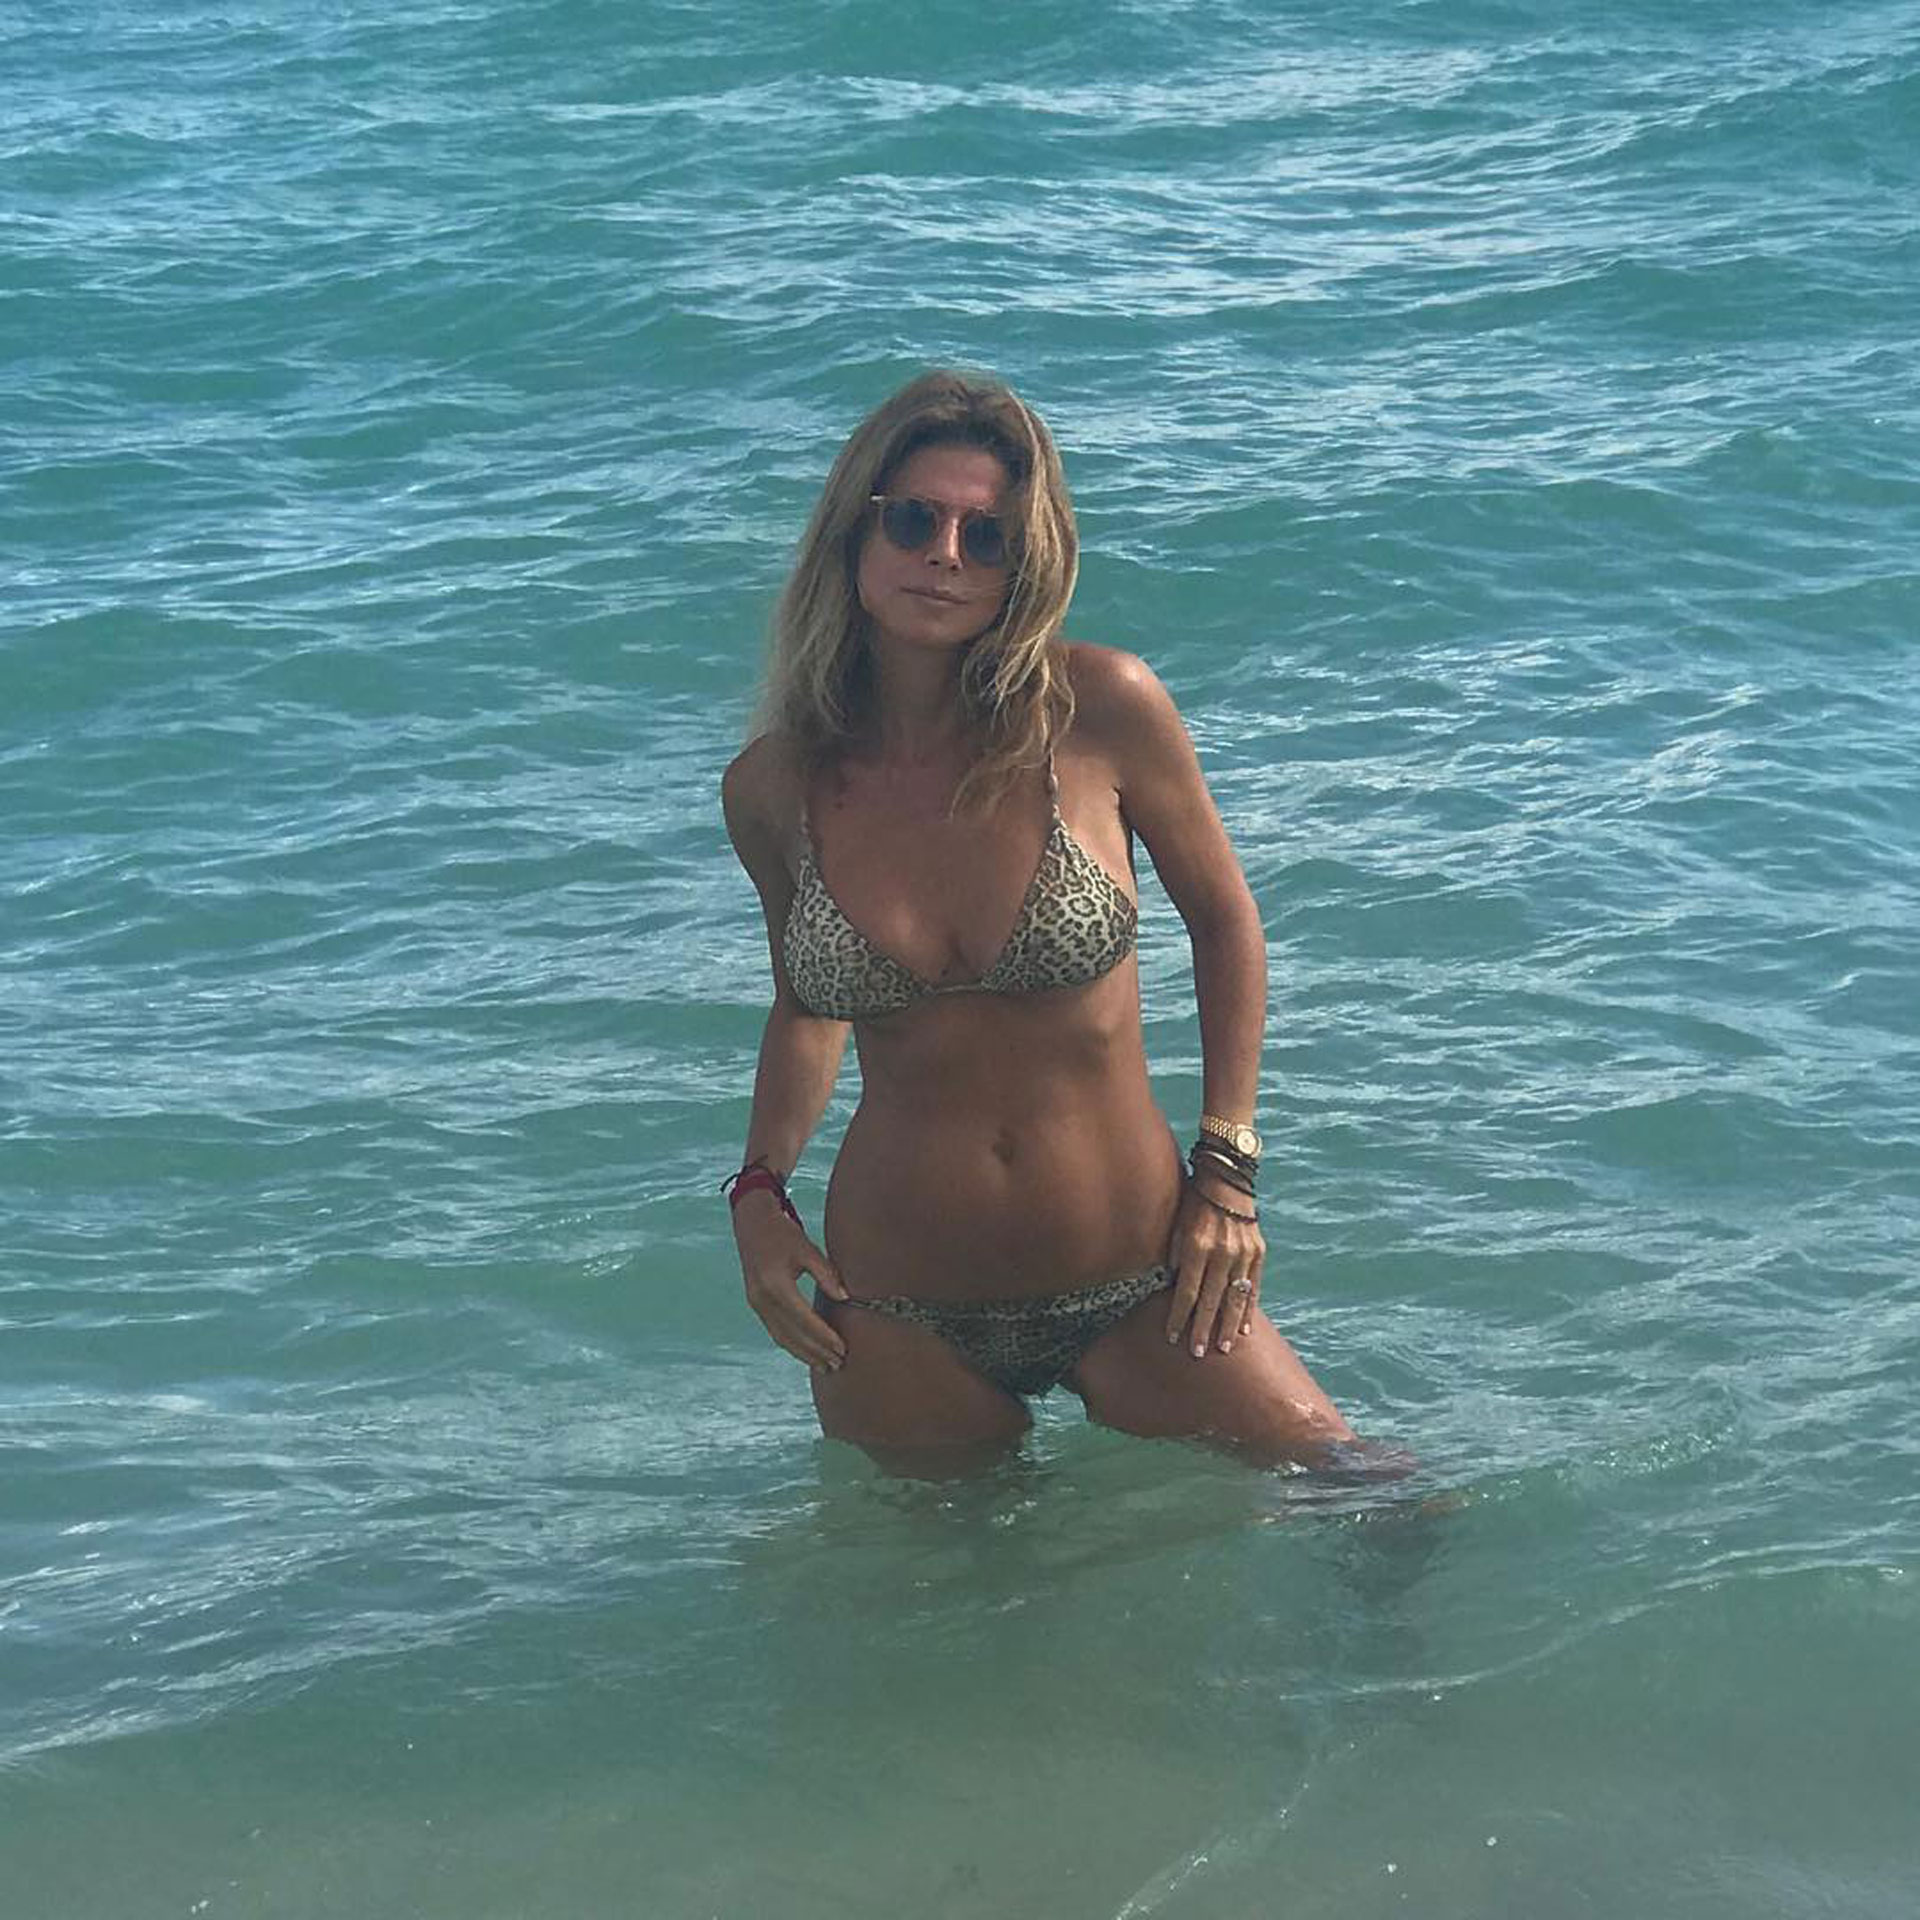 Flavia Palmiero tiene 51 años y desde su cuenta de Instagram se mostró al natural y sin filtros. (Foto: Instagram)